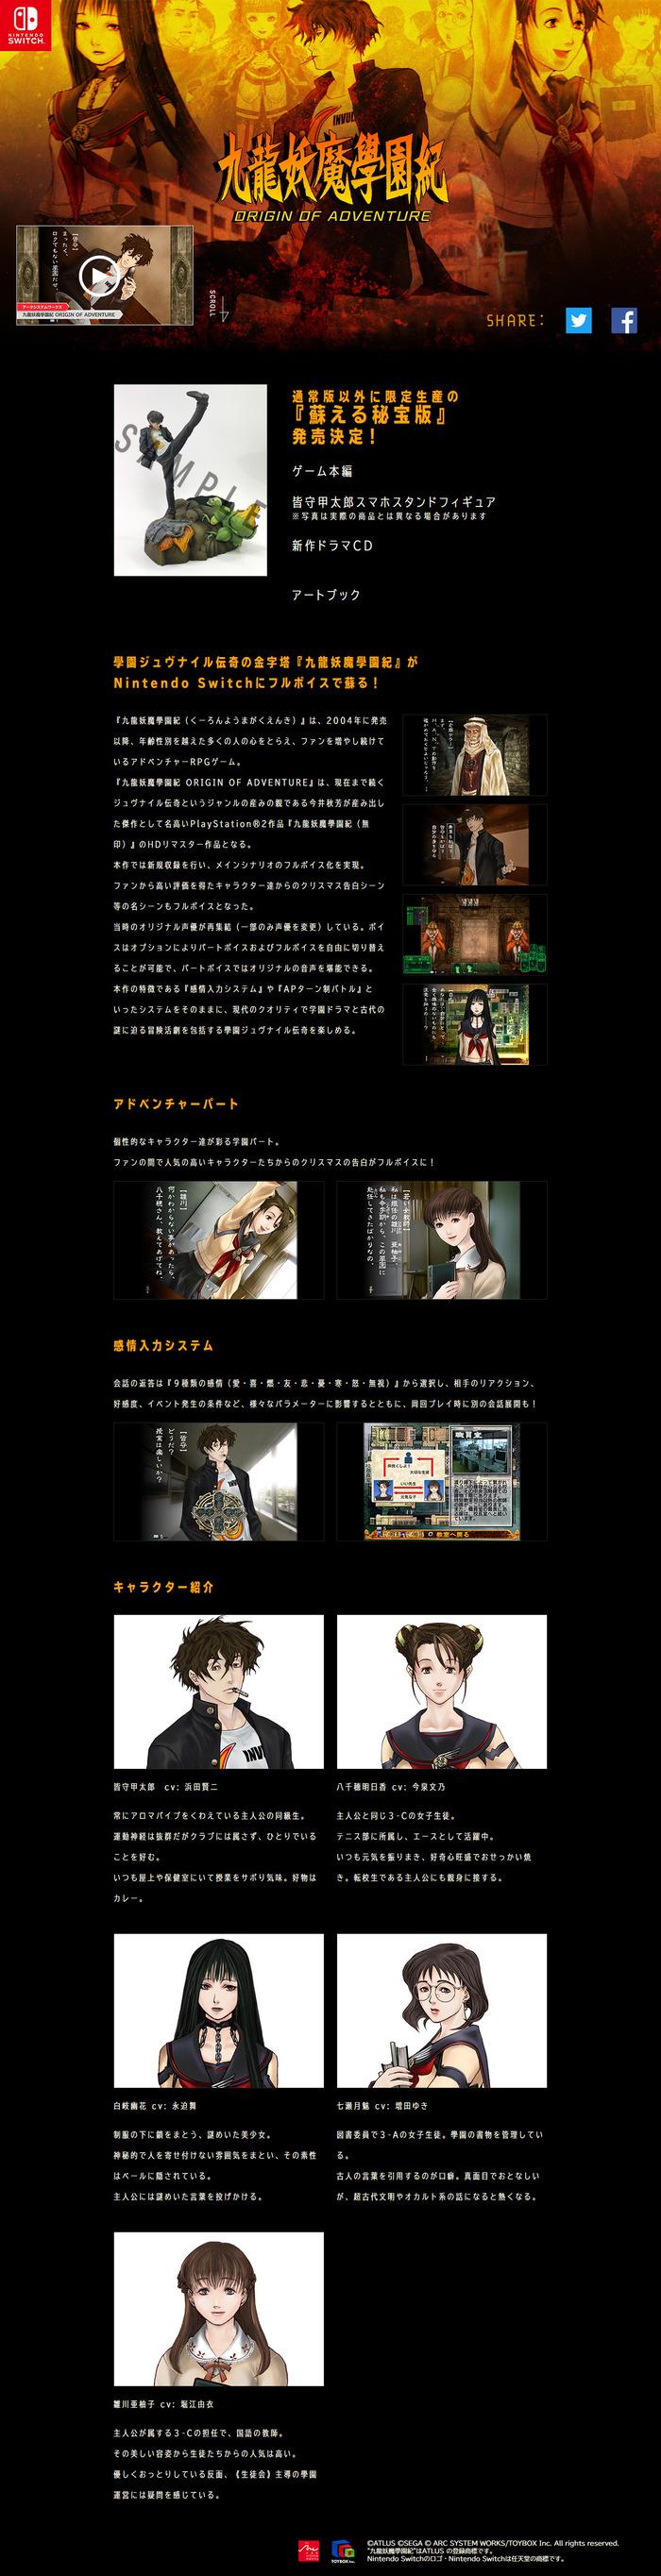 九龍妖魔學園紀 ORIGIN OF ADVENTURE - 200123-215650